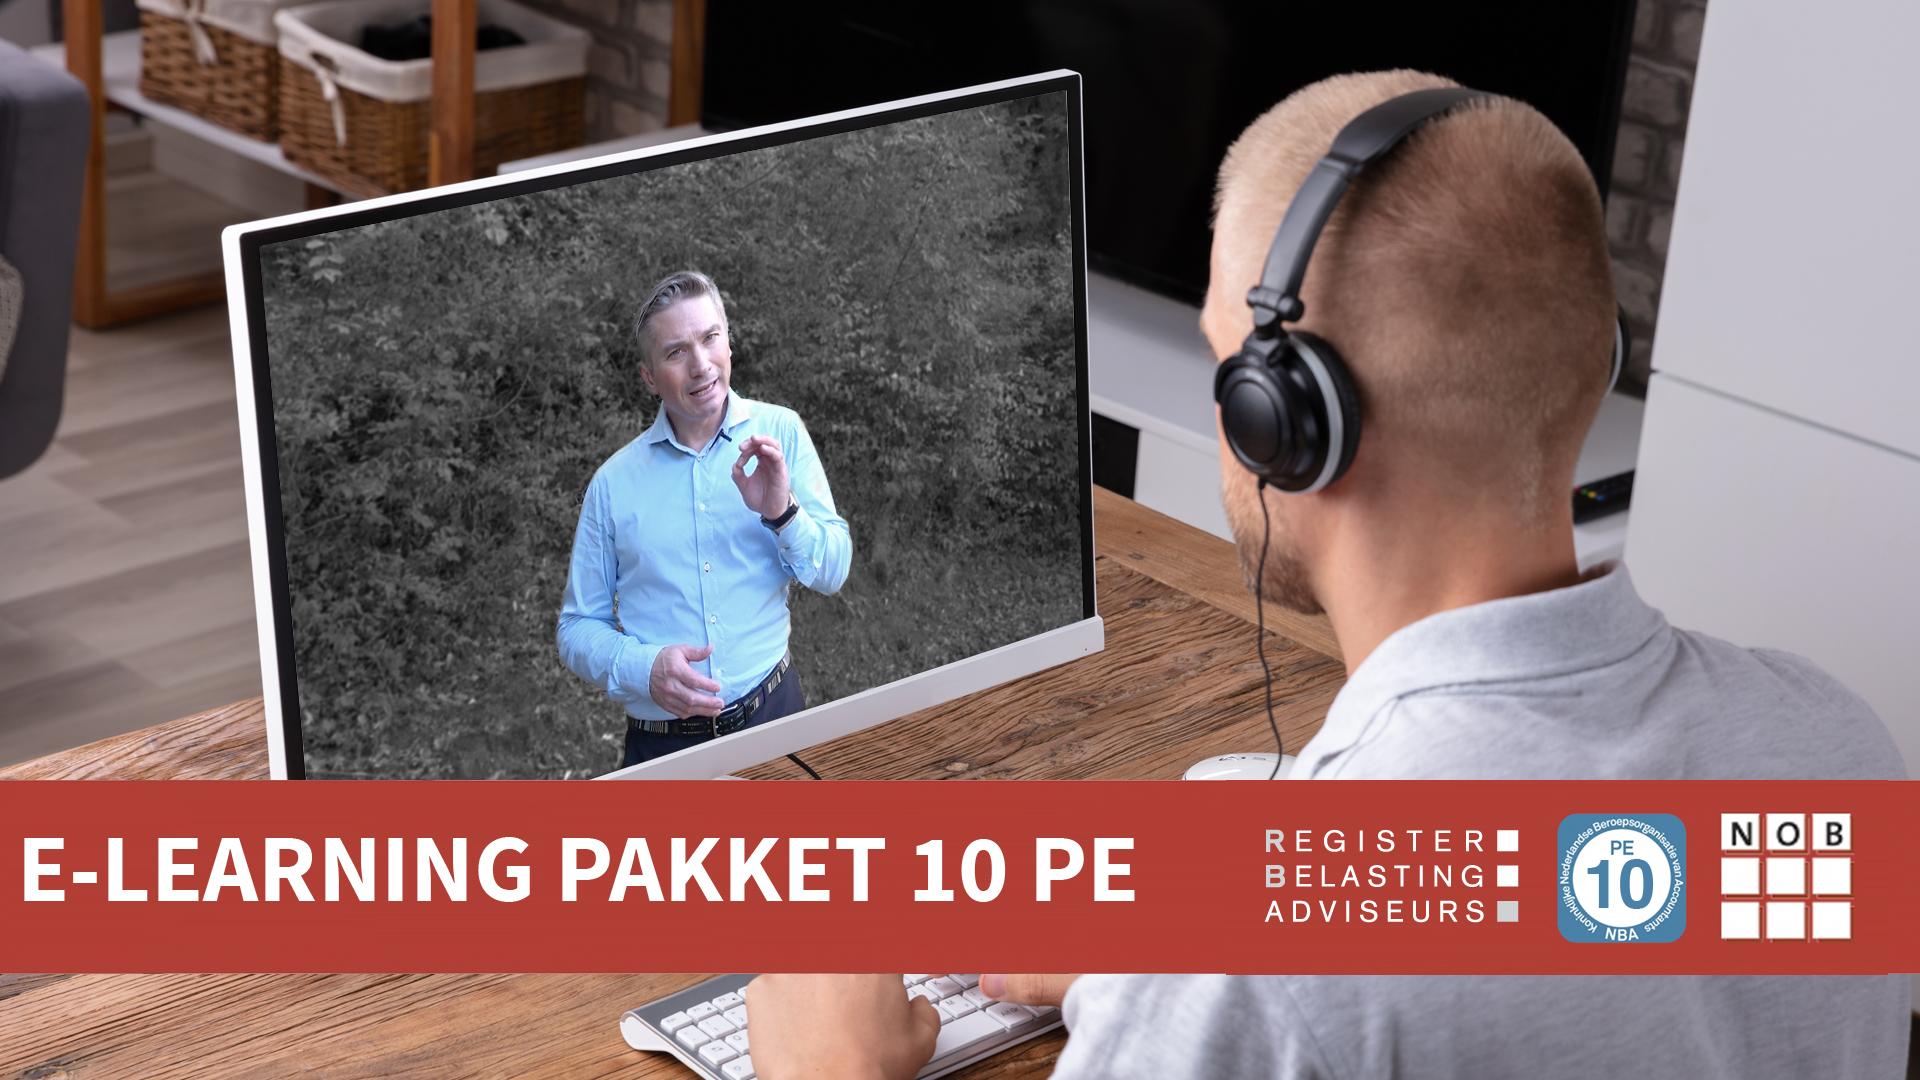 E-learningpakket 10 PE